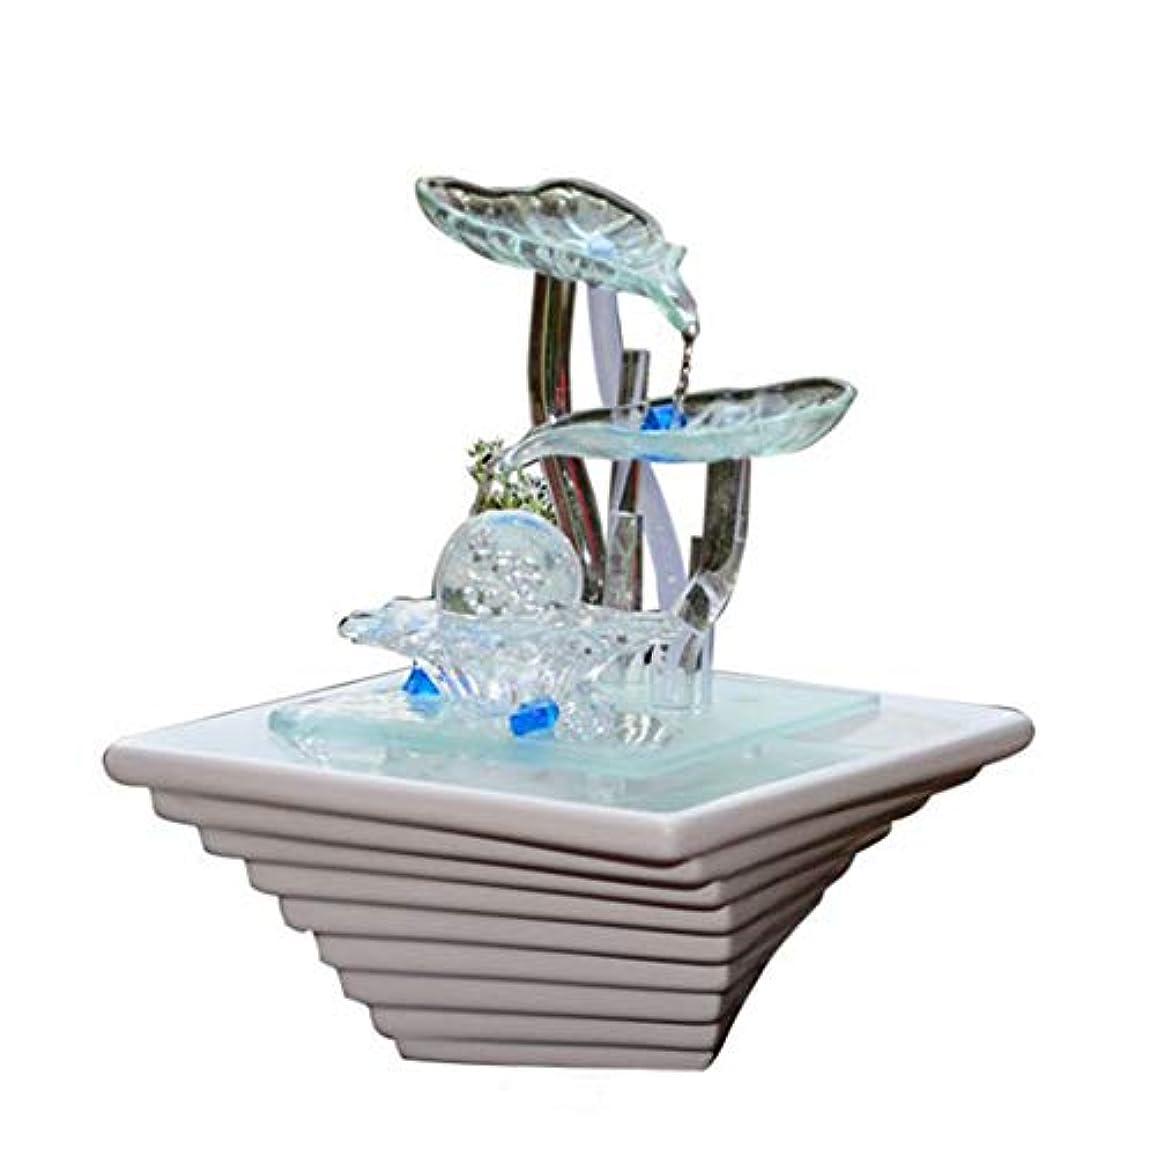 機会頂点なぞらえる加湿器ホームデスクトップの装飾セラミックガラス工芸品の装飾品噴水装飾品バレンタインデー結婚式の誕生日パーフェクトギフト